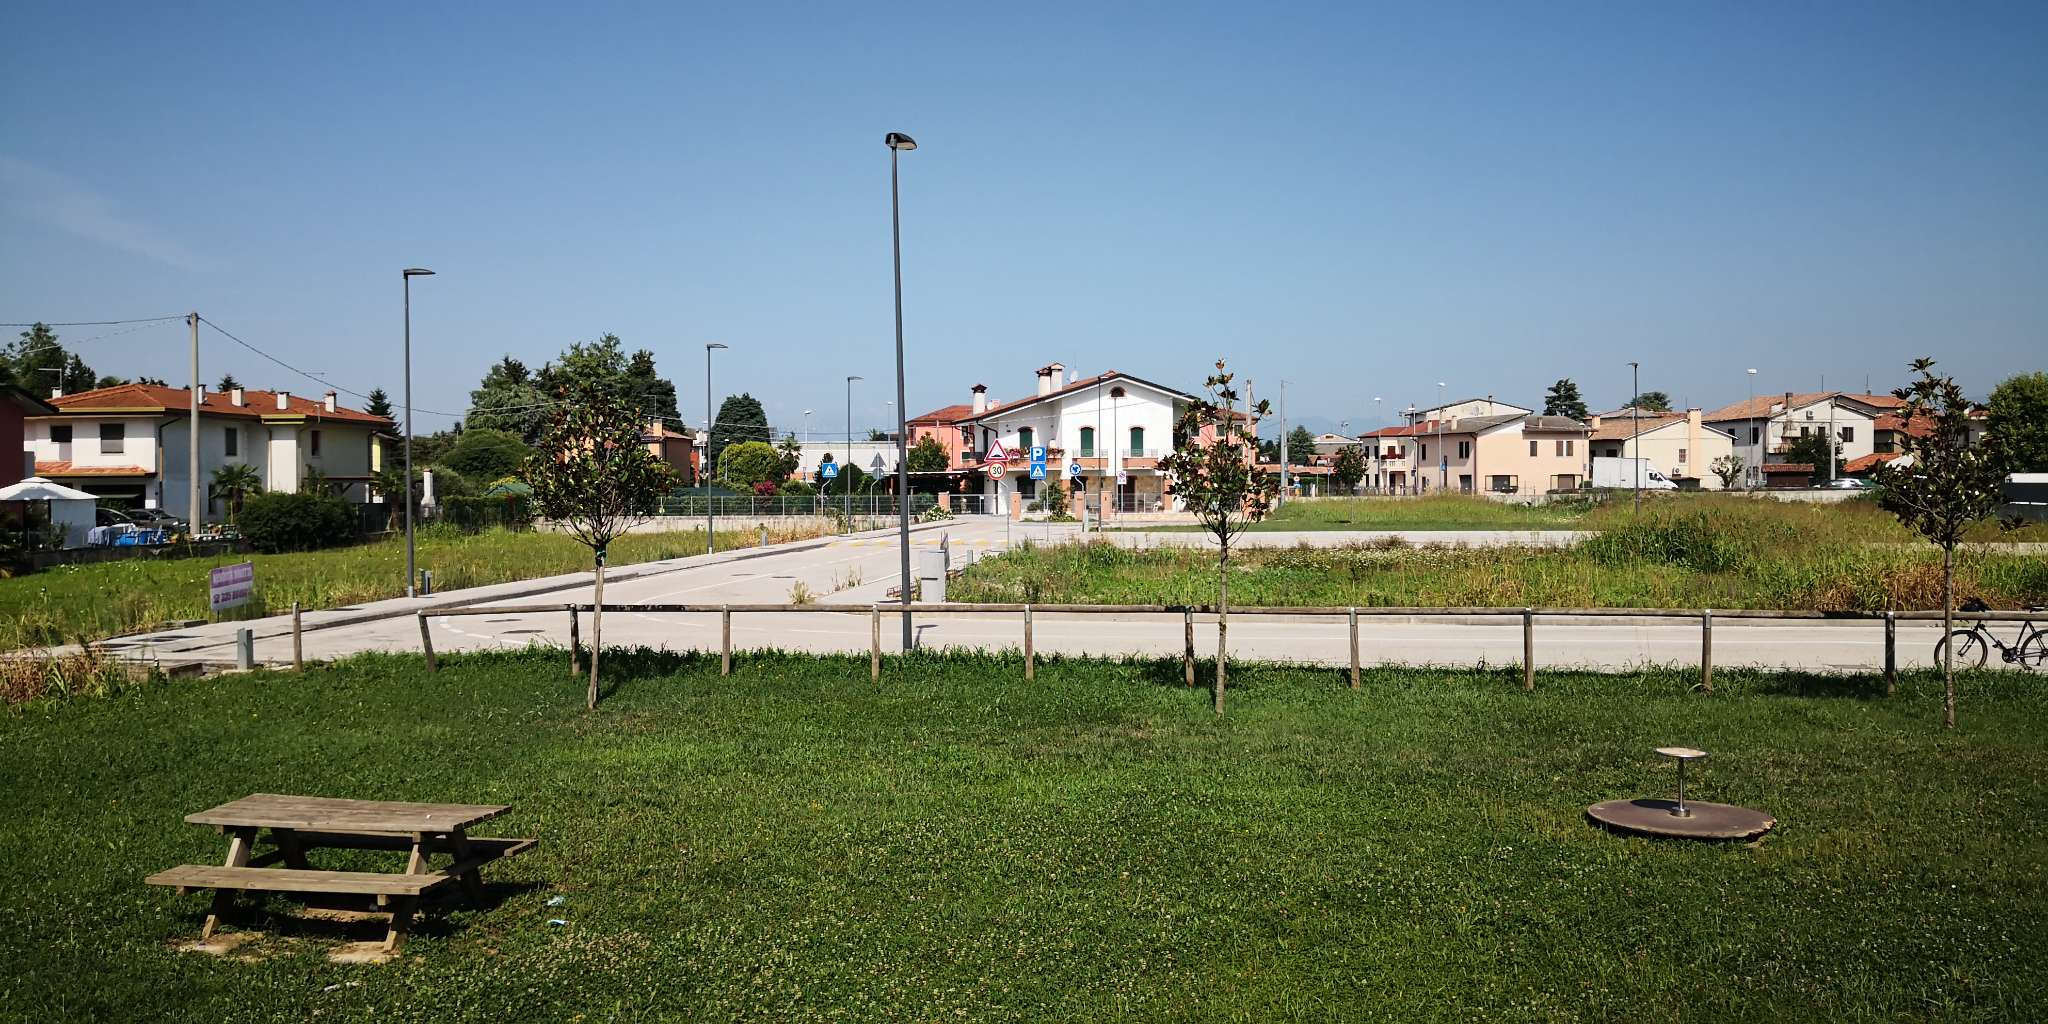 Terreno Edificabile Residenziale in vendita a Camisano Vicentino, 5 locali, prezzo € 150.000 | PortaleAgenzieImmobiliari.it